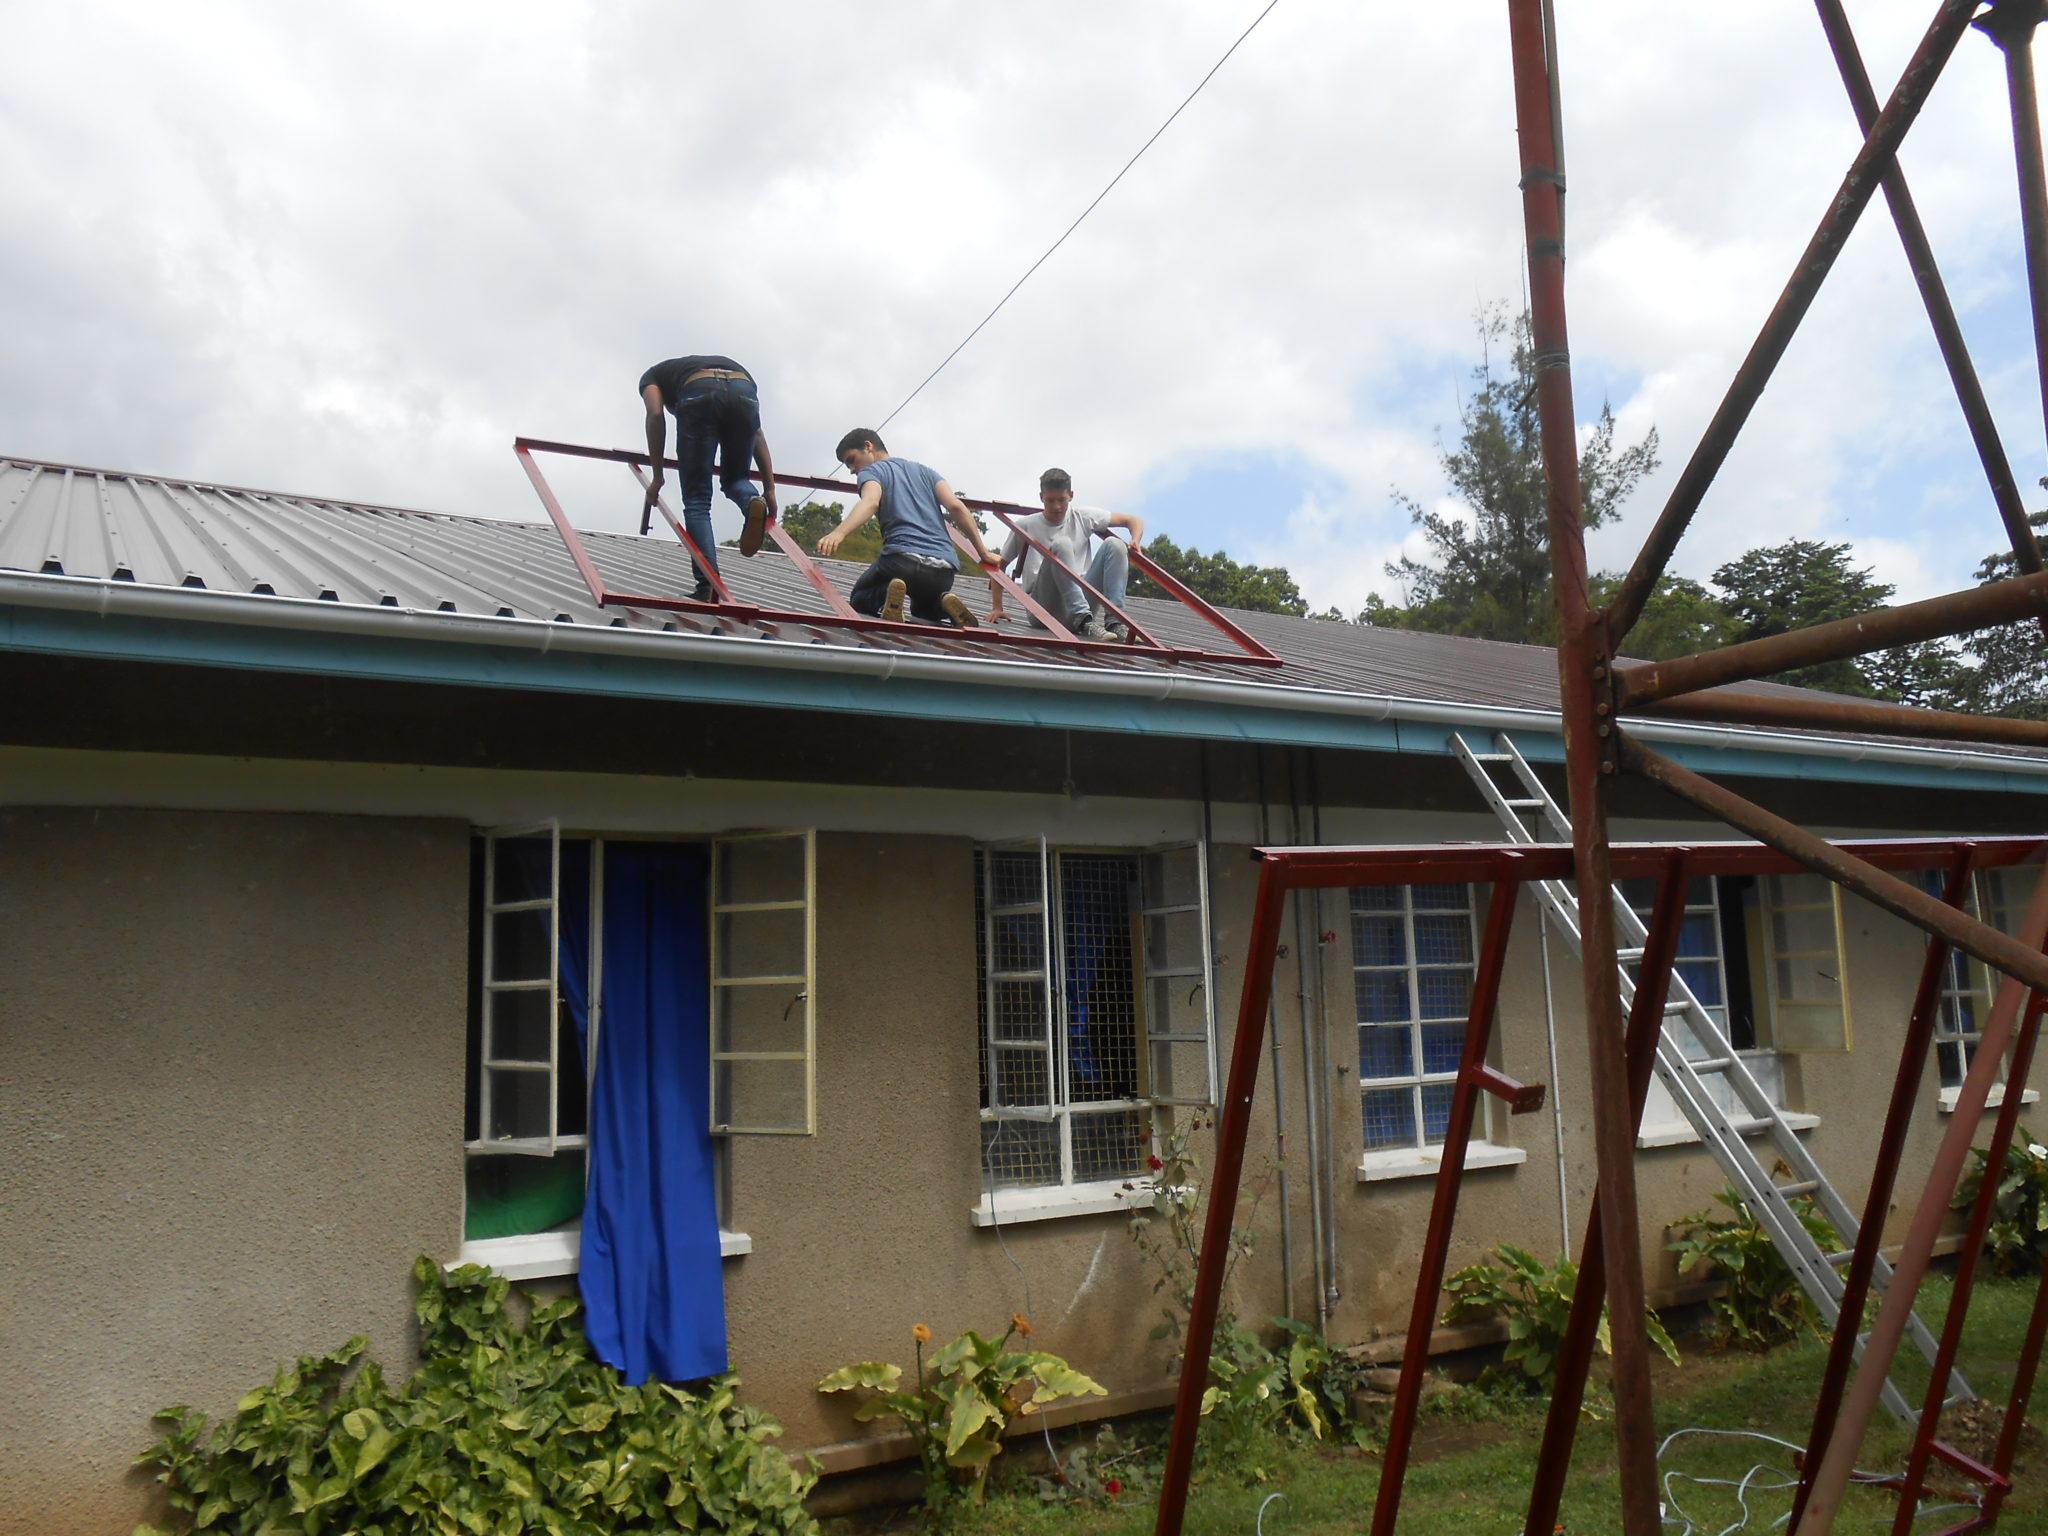 Met behulp van 1 ladder kregen we alles toch (redelijk) snel en veilig naar boven.